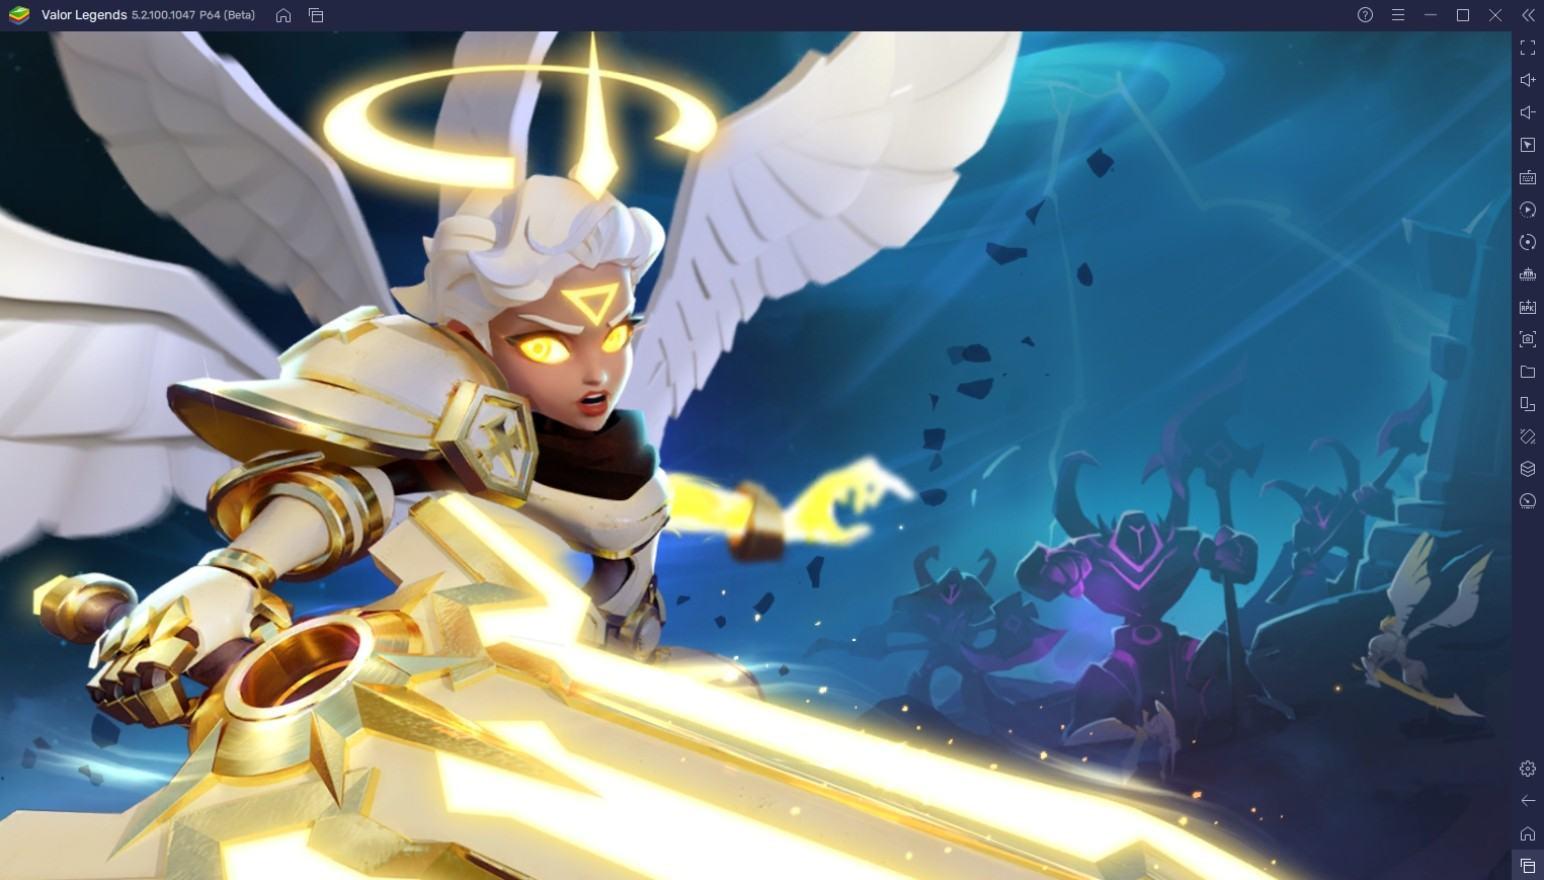 Wie man Valor Legends: Eternity auf dem PC mit BlueStacks spielt